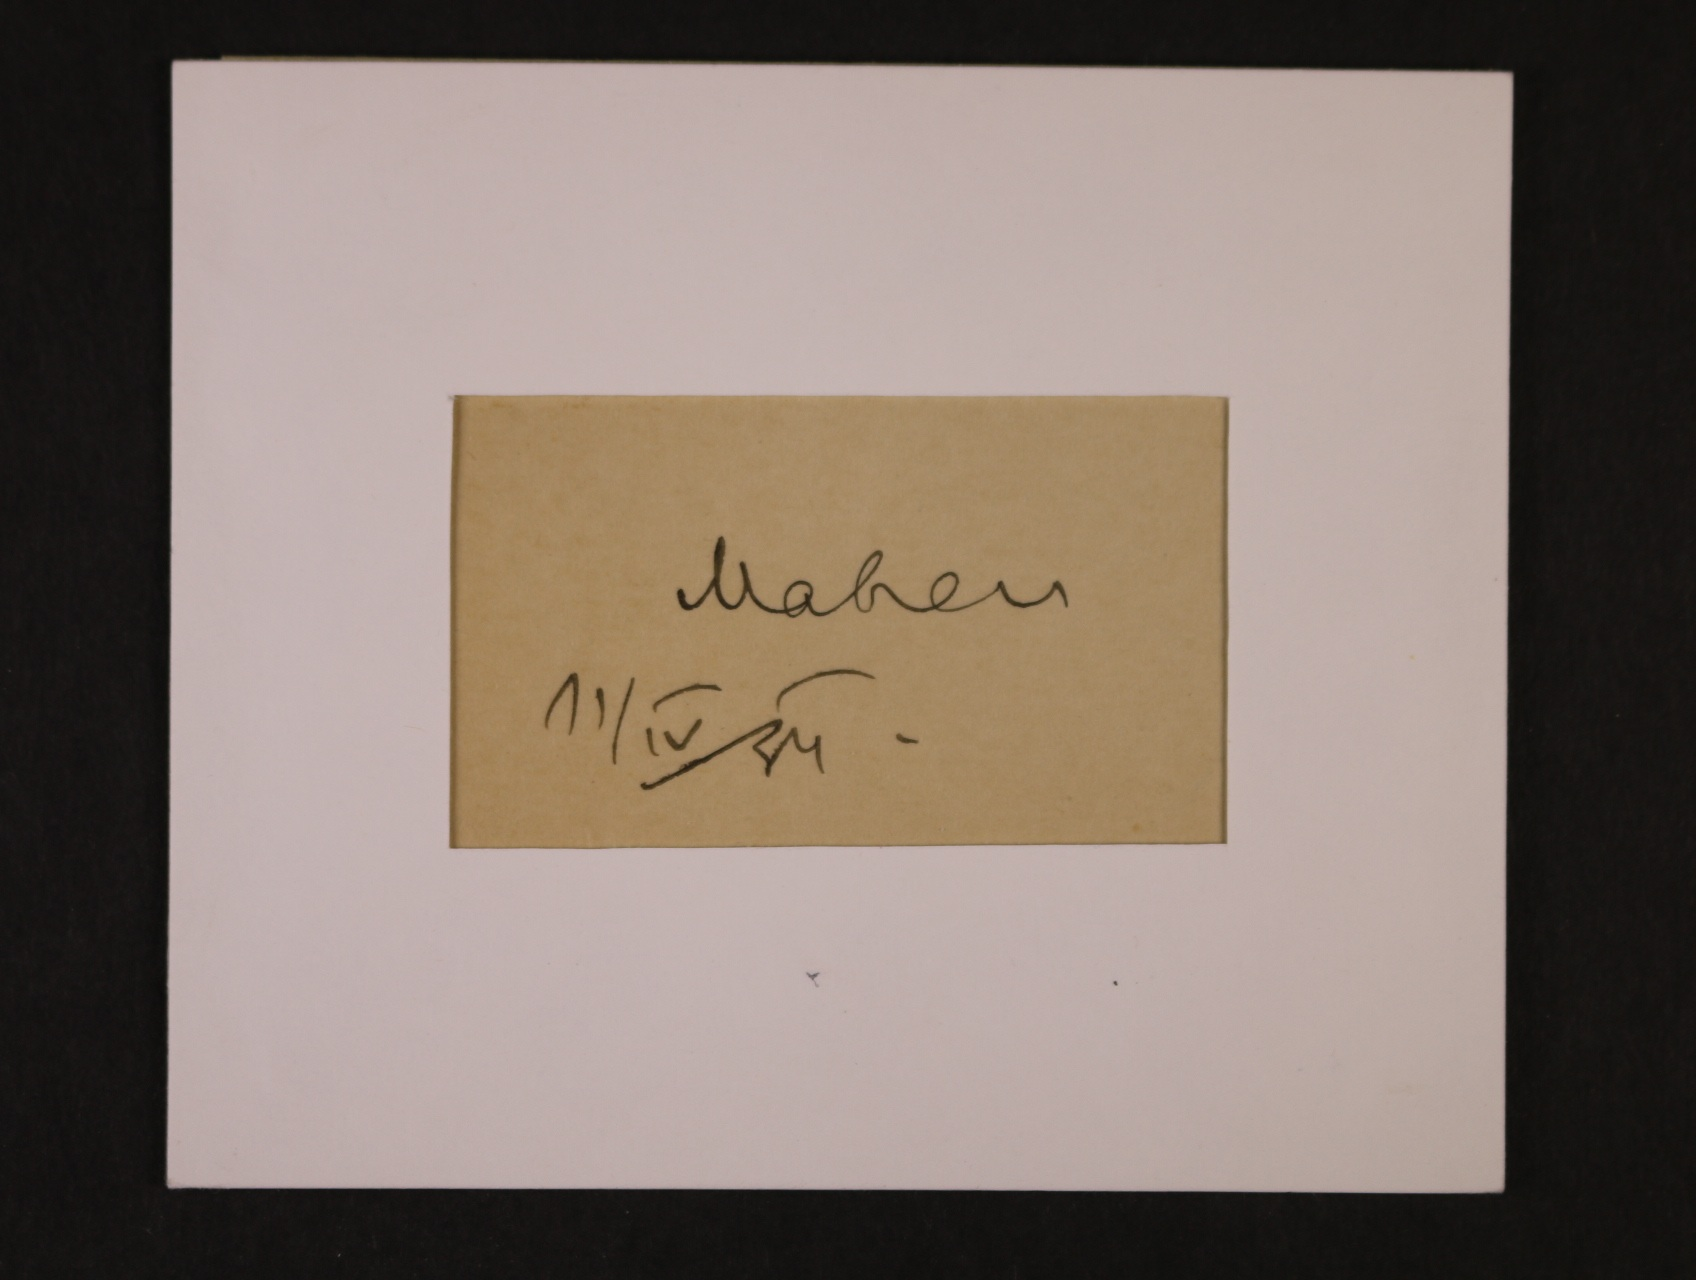 Mahen Jiří 1882 - 1935, český spisovatel a dramatik - ústřižek papíru s vlastnoručním podpisem a datací 11.4.34